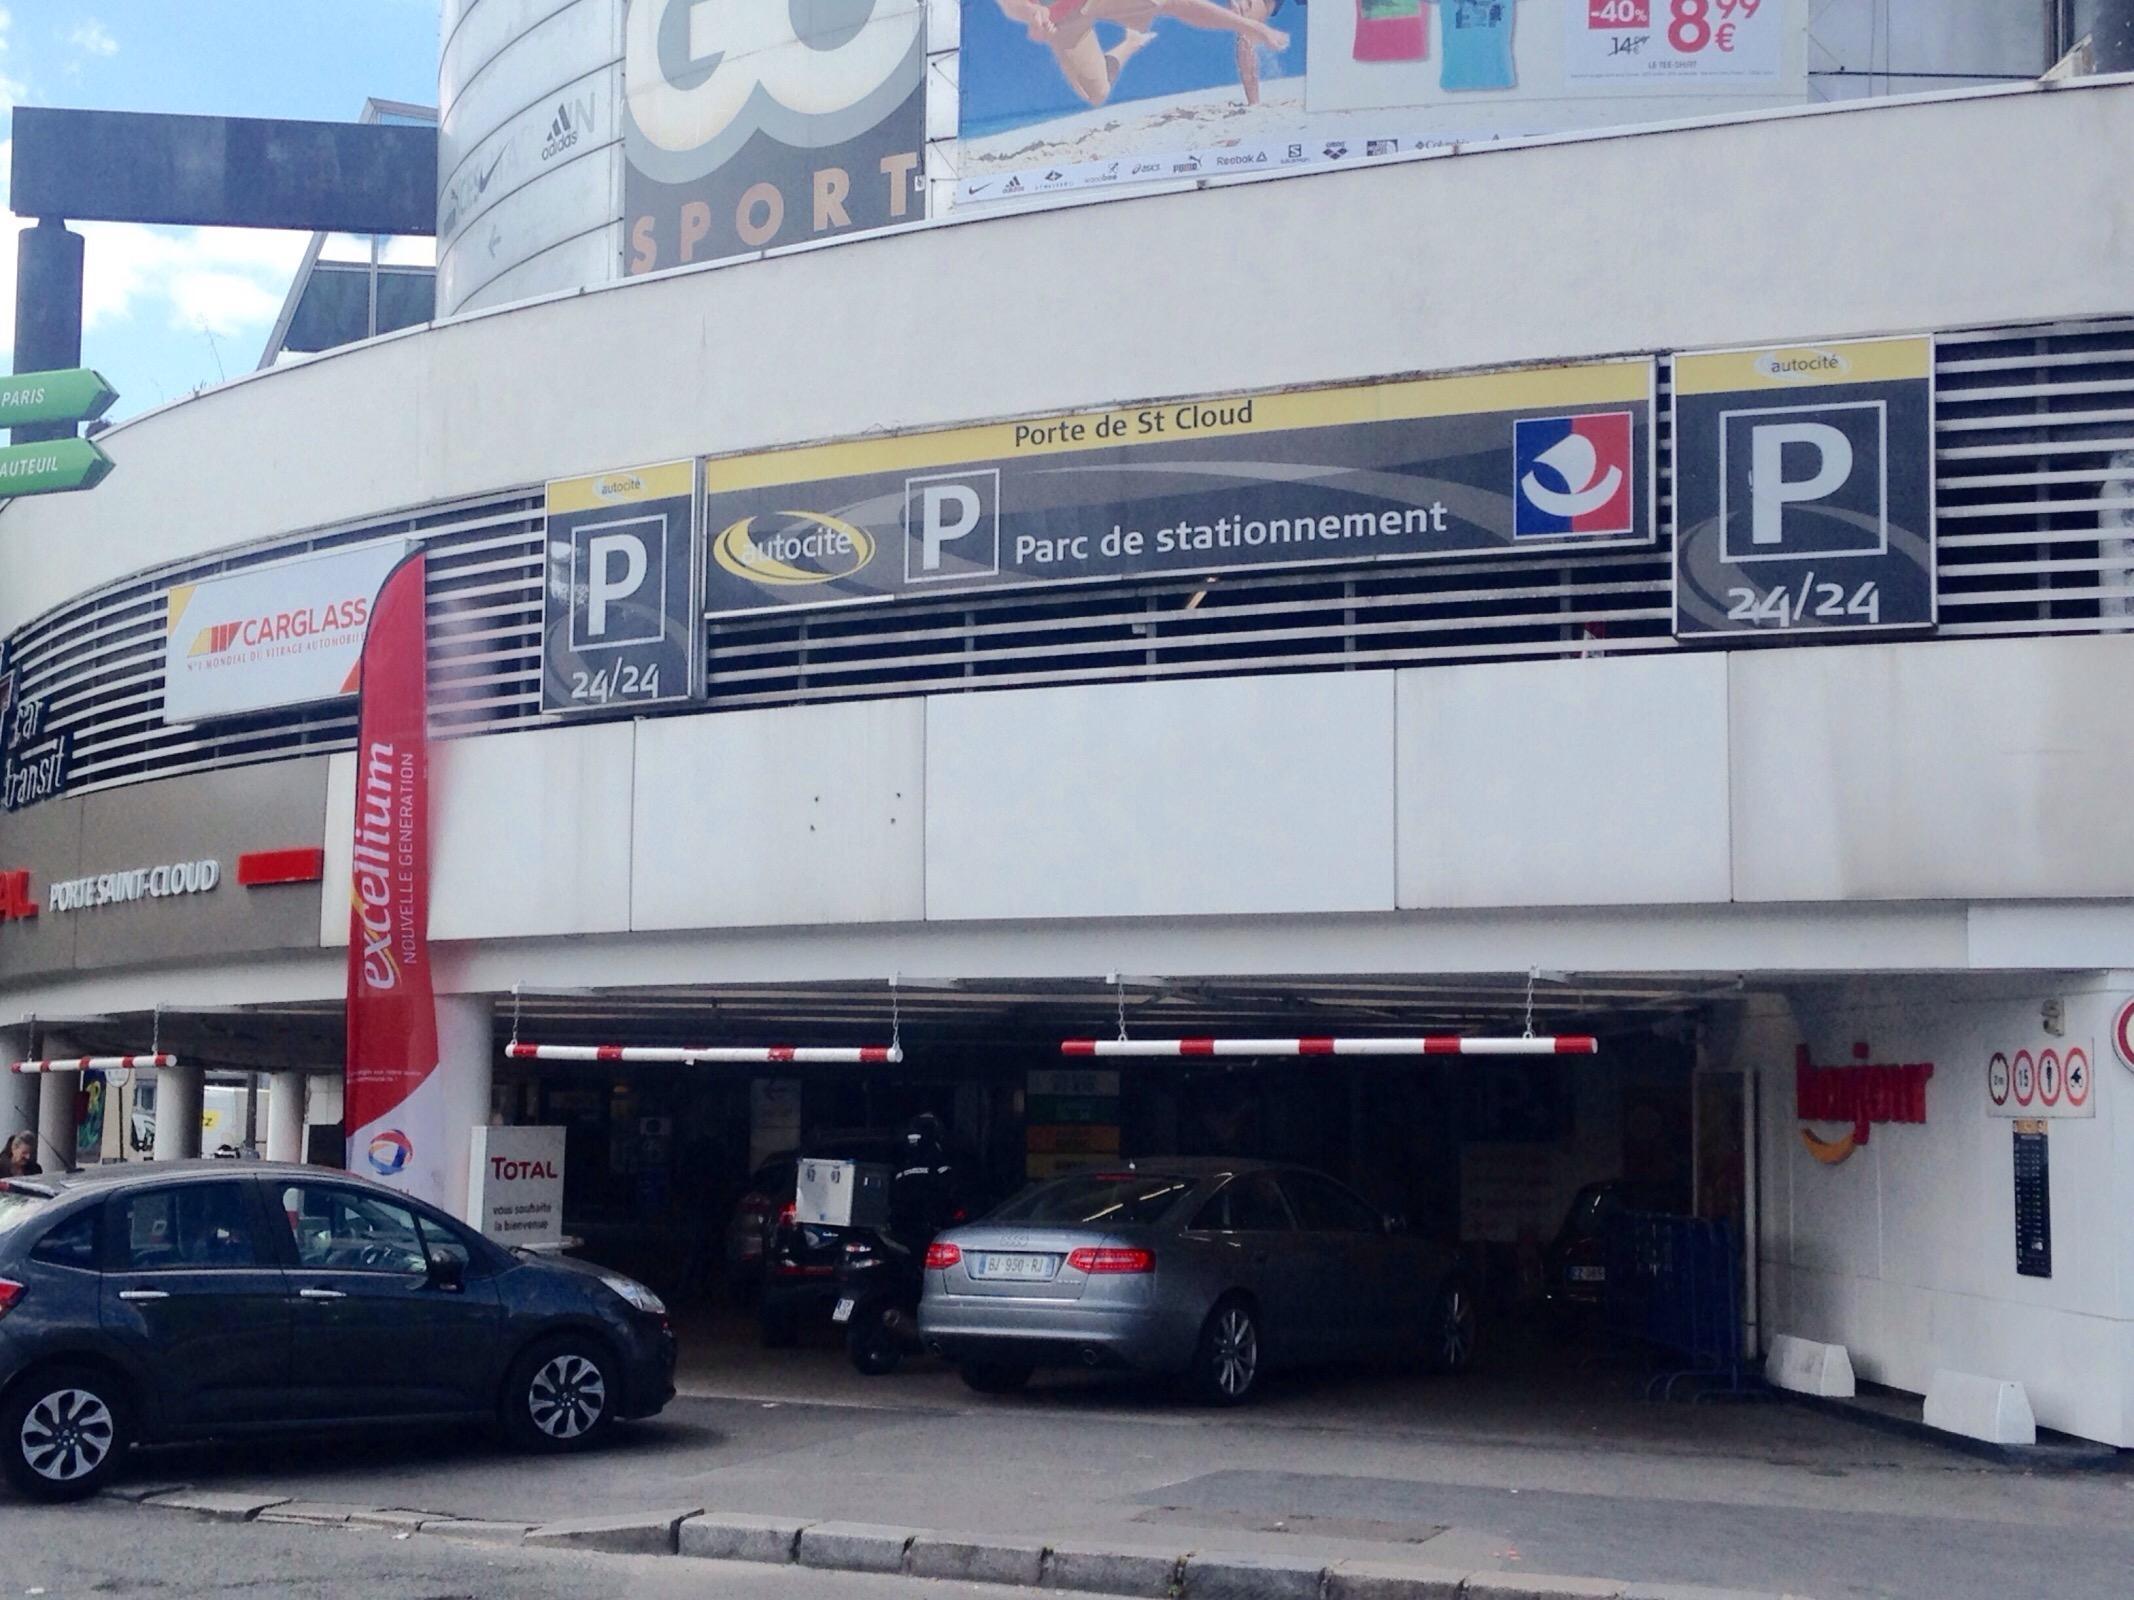 Porte de st cloud parking in paris parkme - 2 avenue de la porte molitor 75016 paris ...